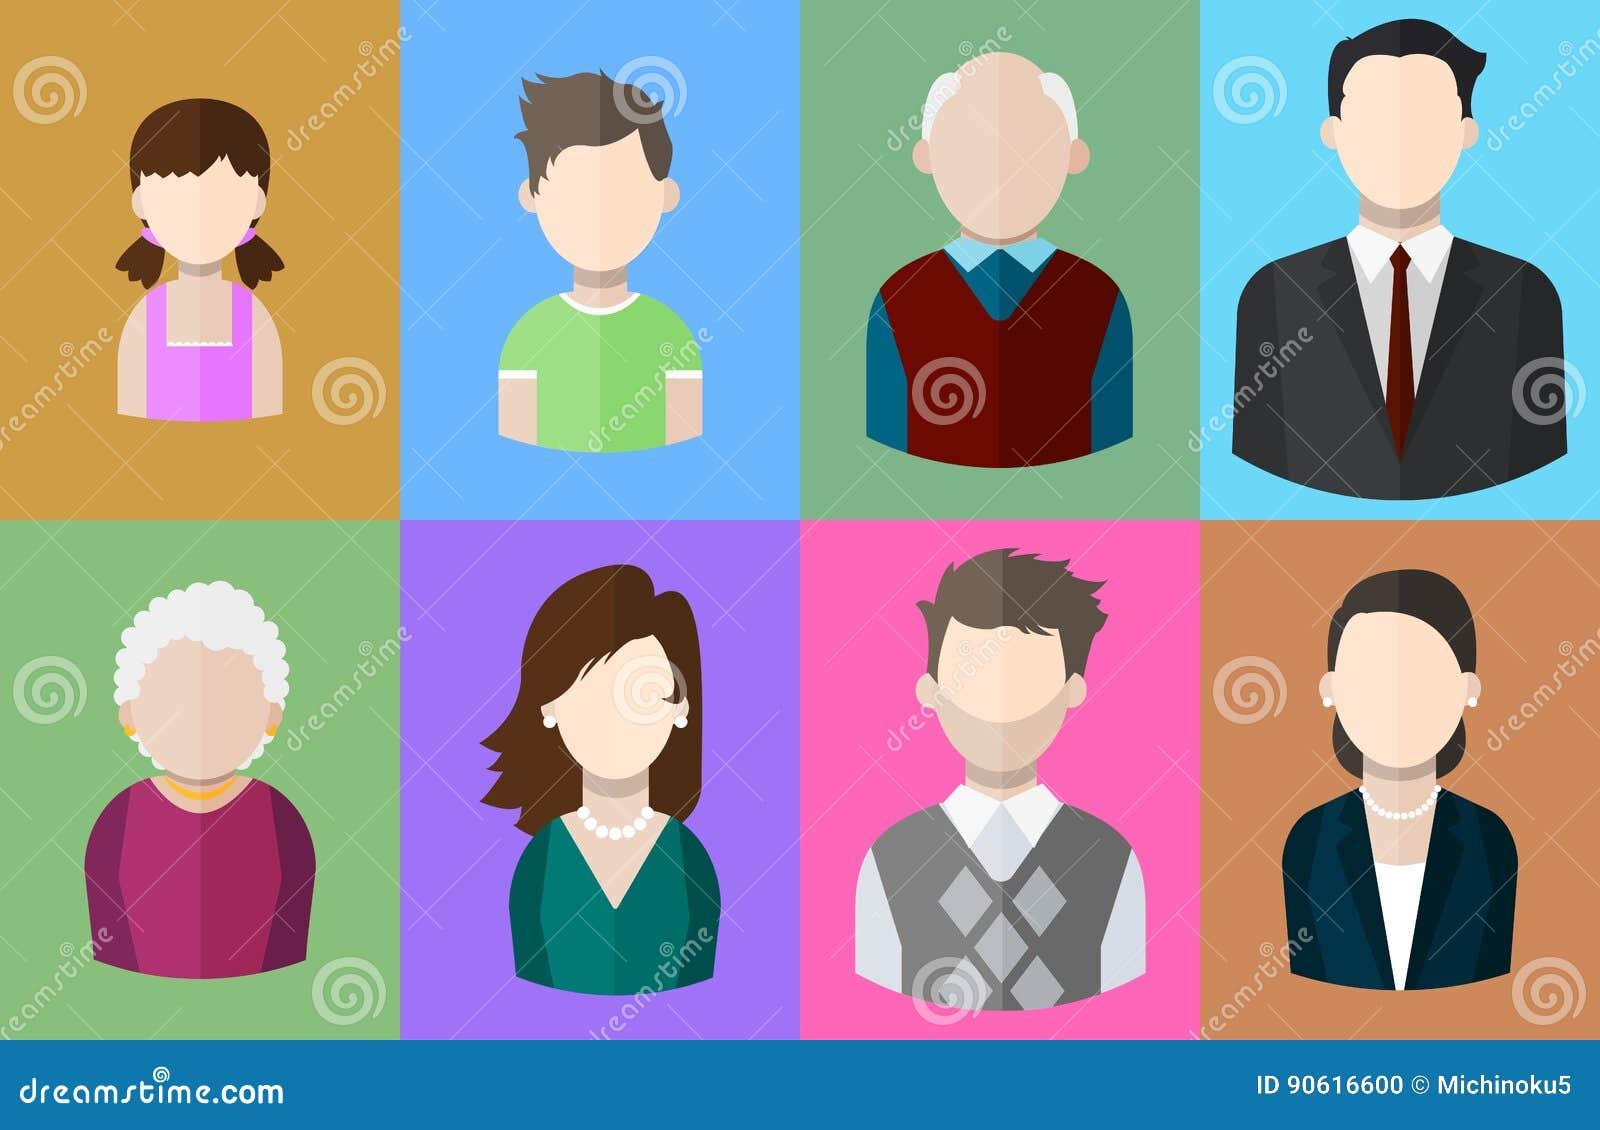 Plana folksymboler fostrar, fadern och deras son och dotter, morfadern och mormodern, affärsmannen och affärskvinnan